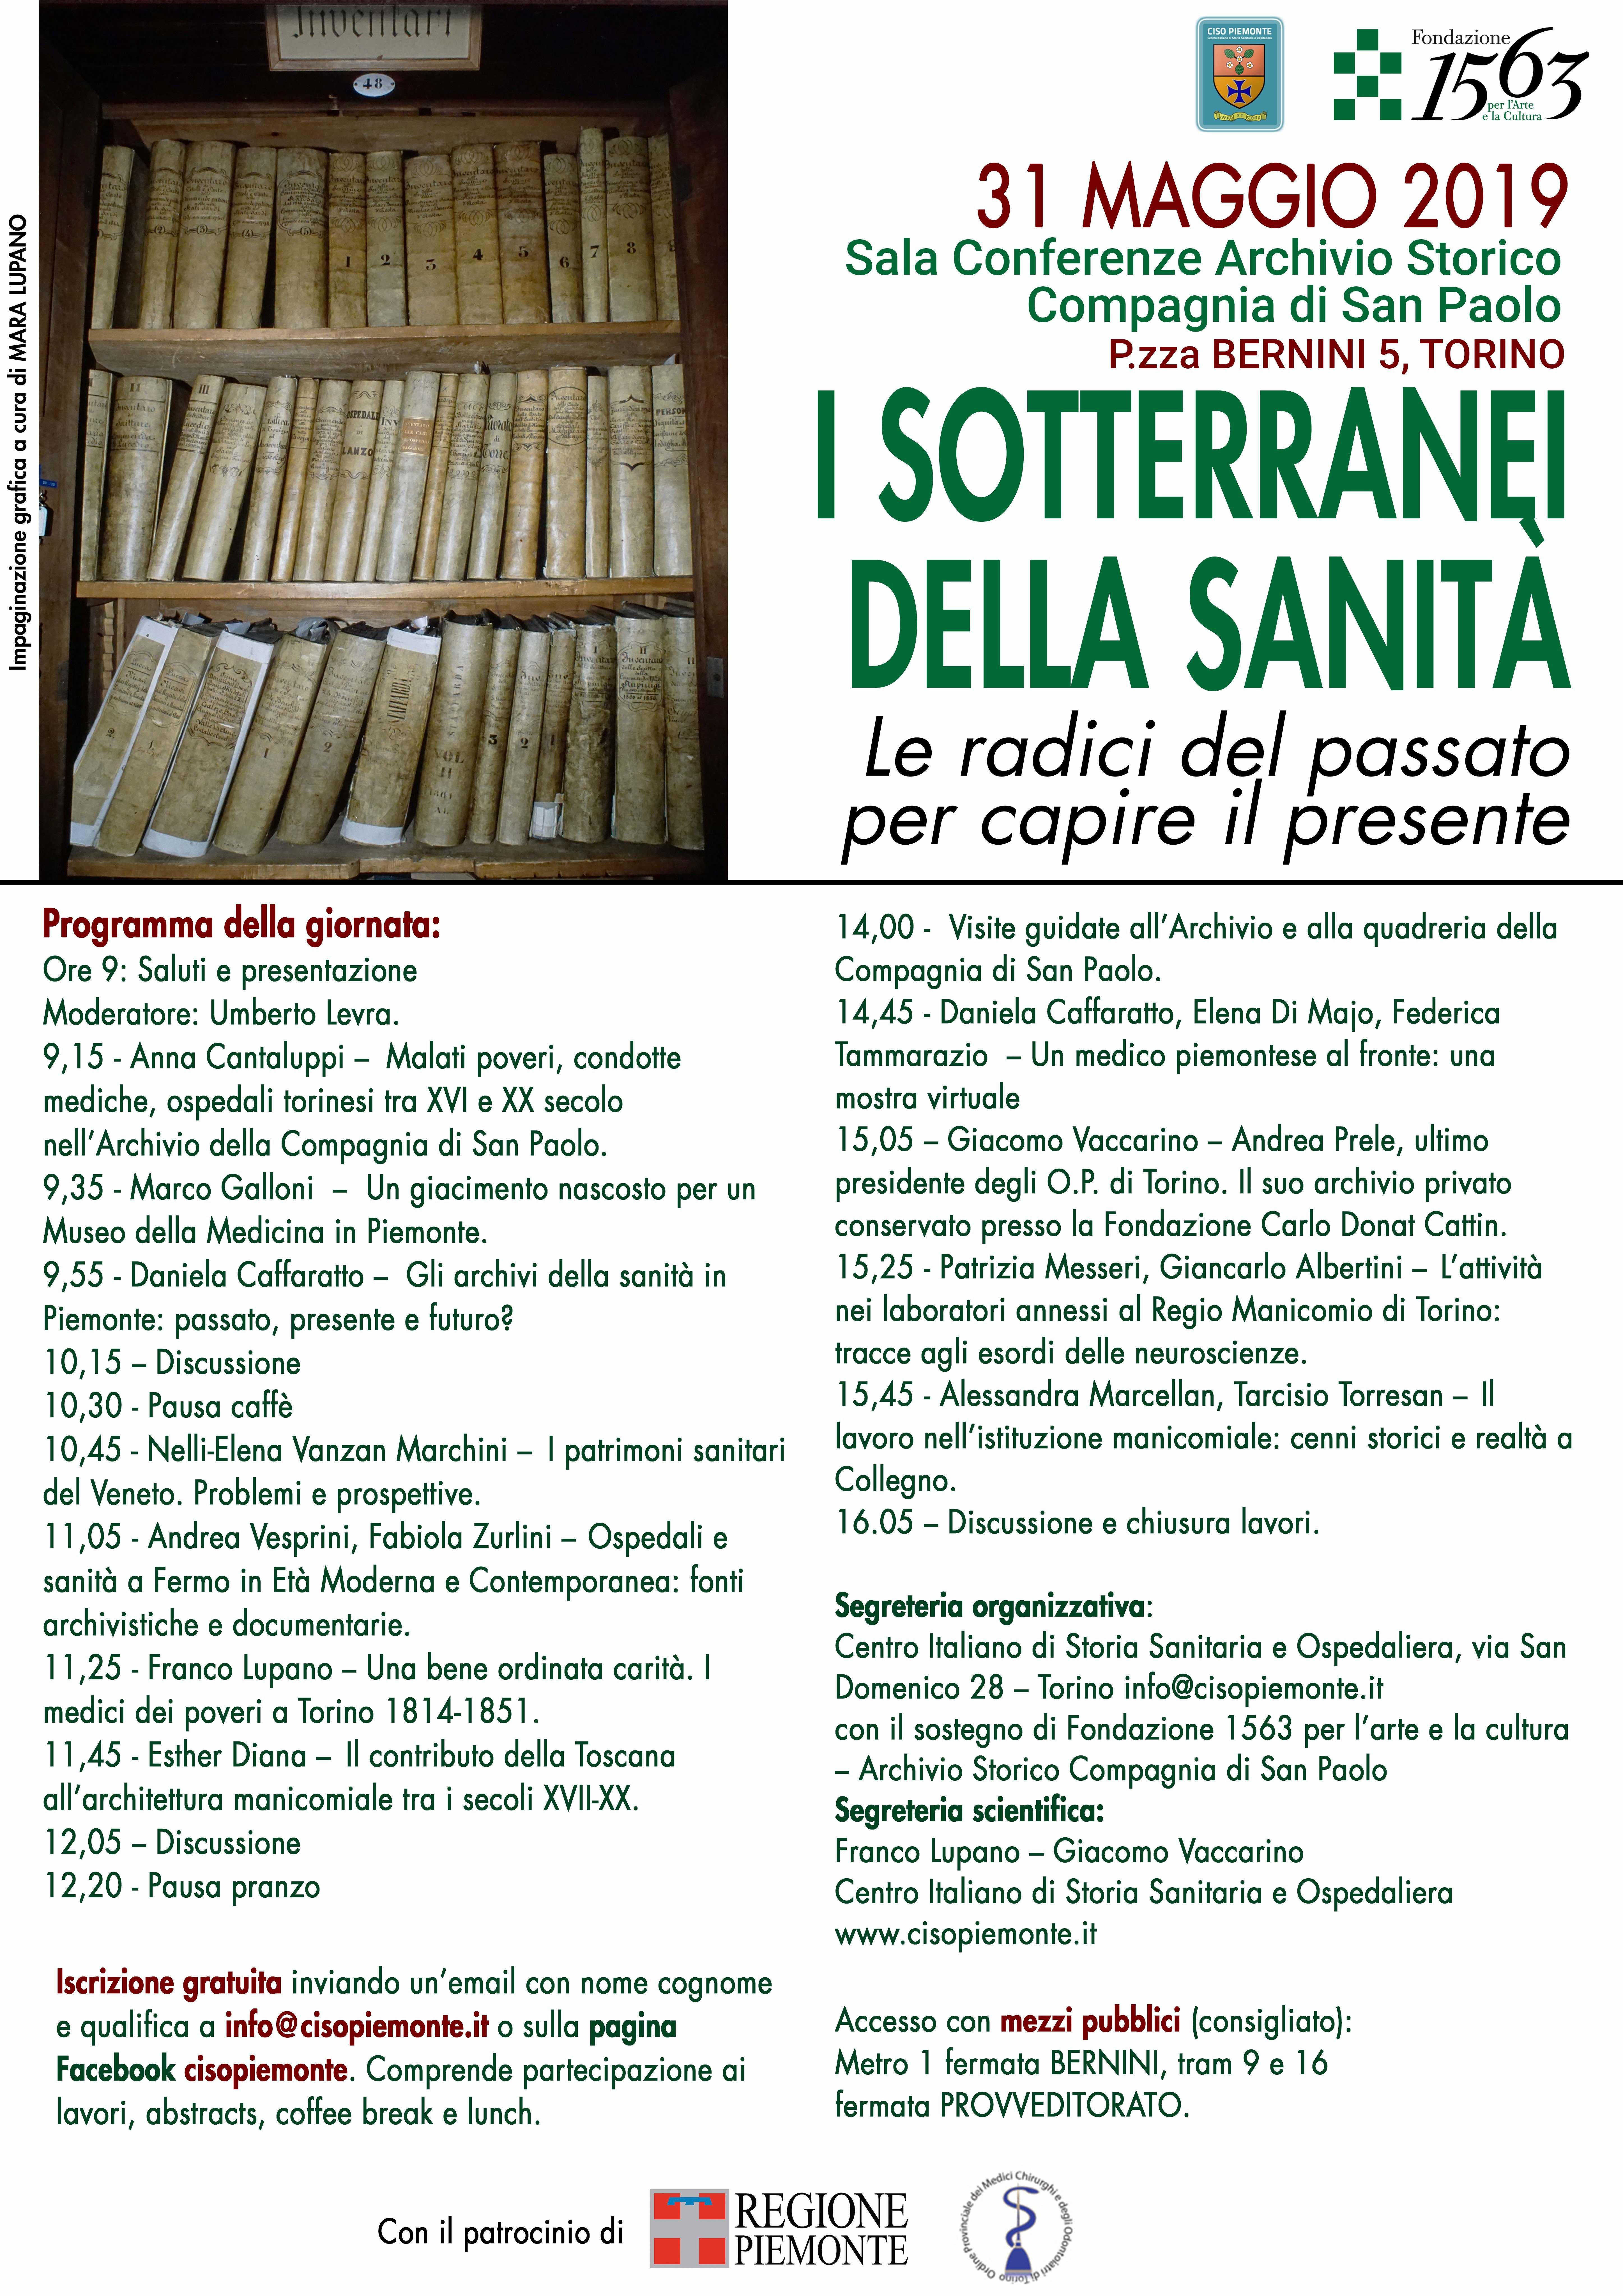 locandina_31maggio_Ciso